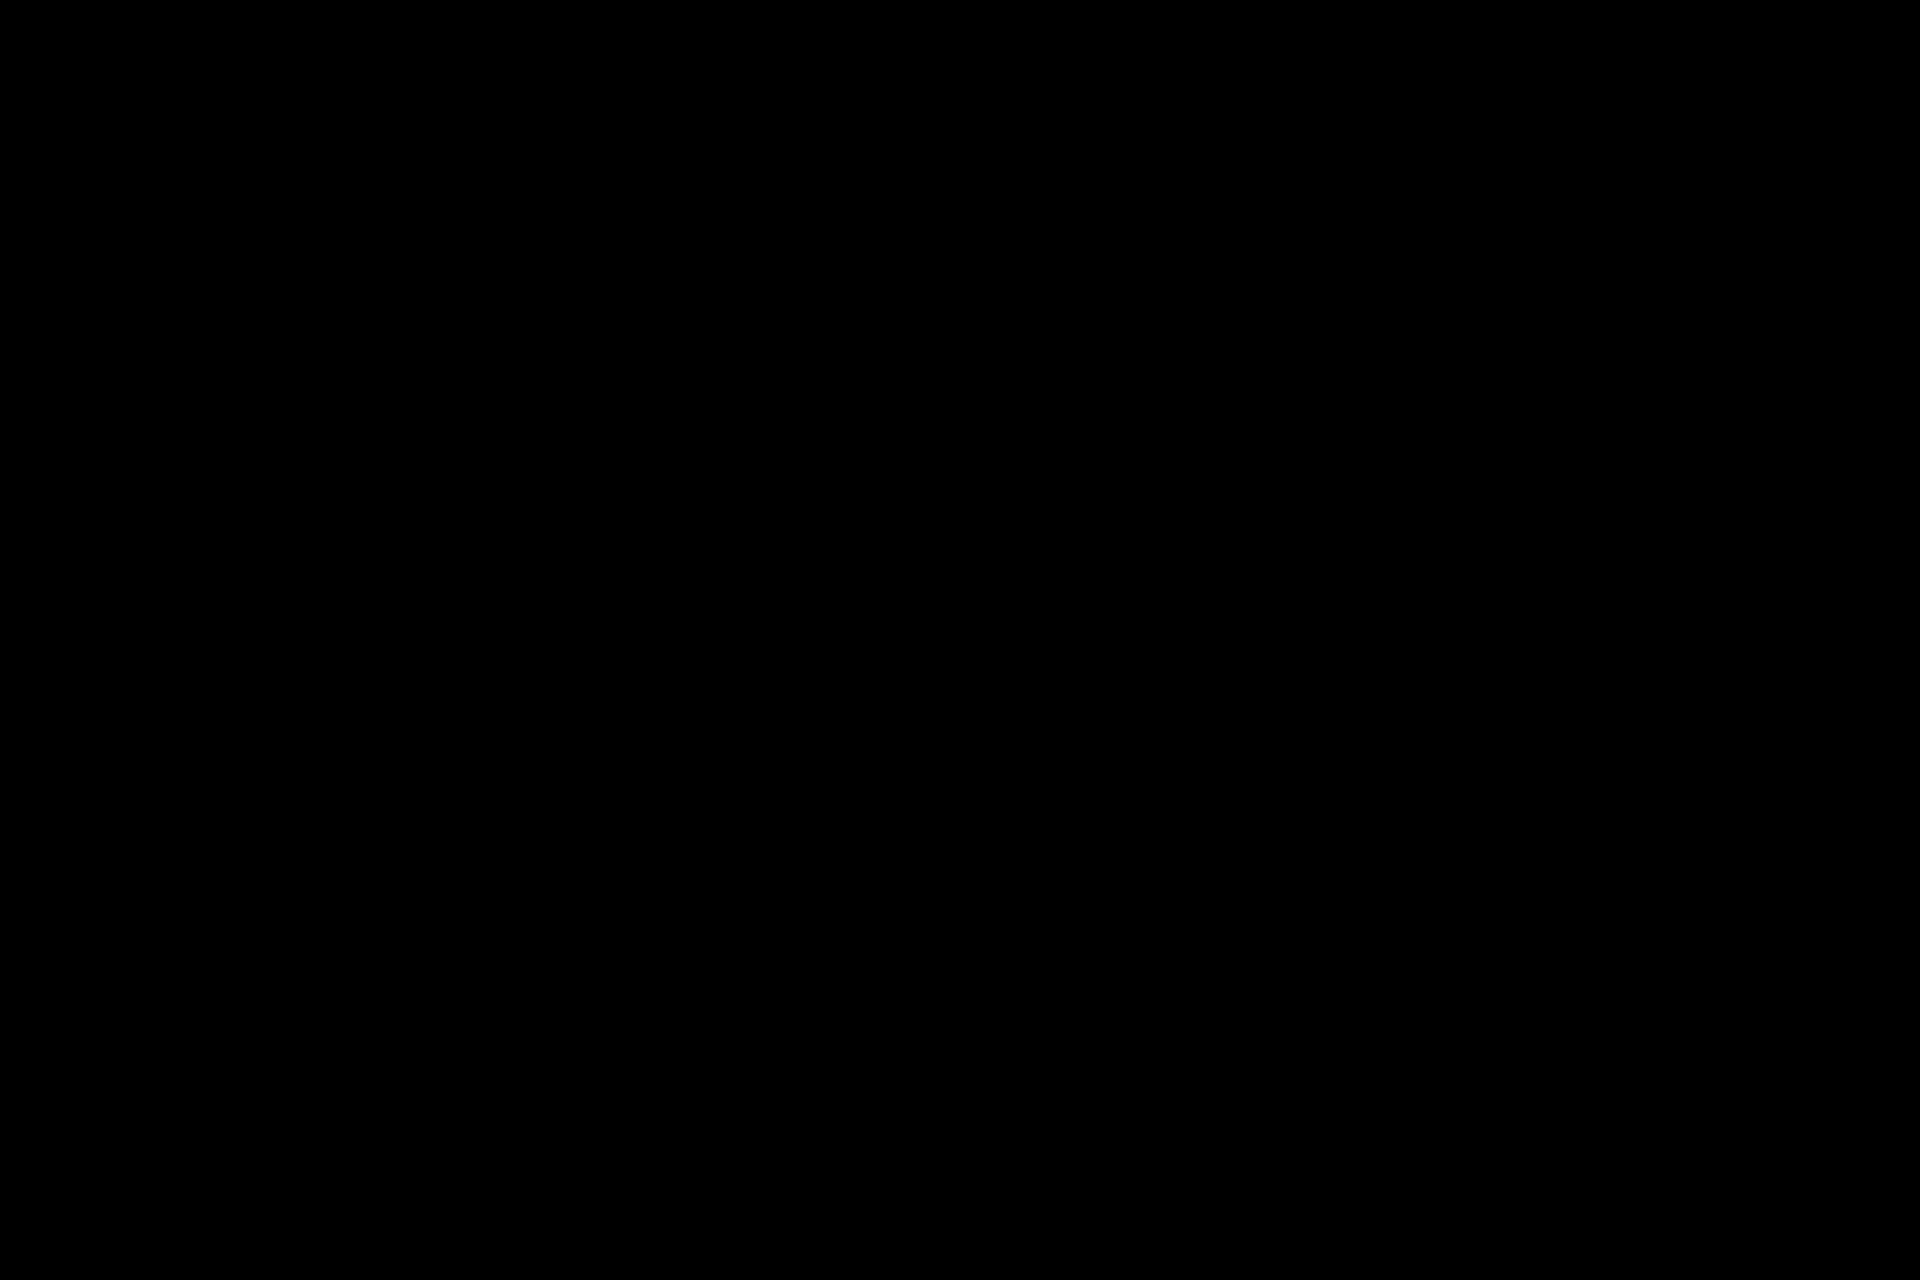 programs-bg-01